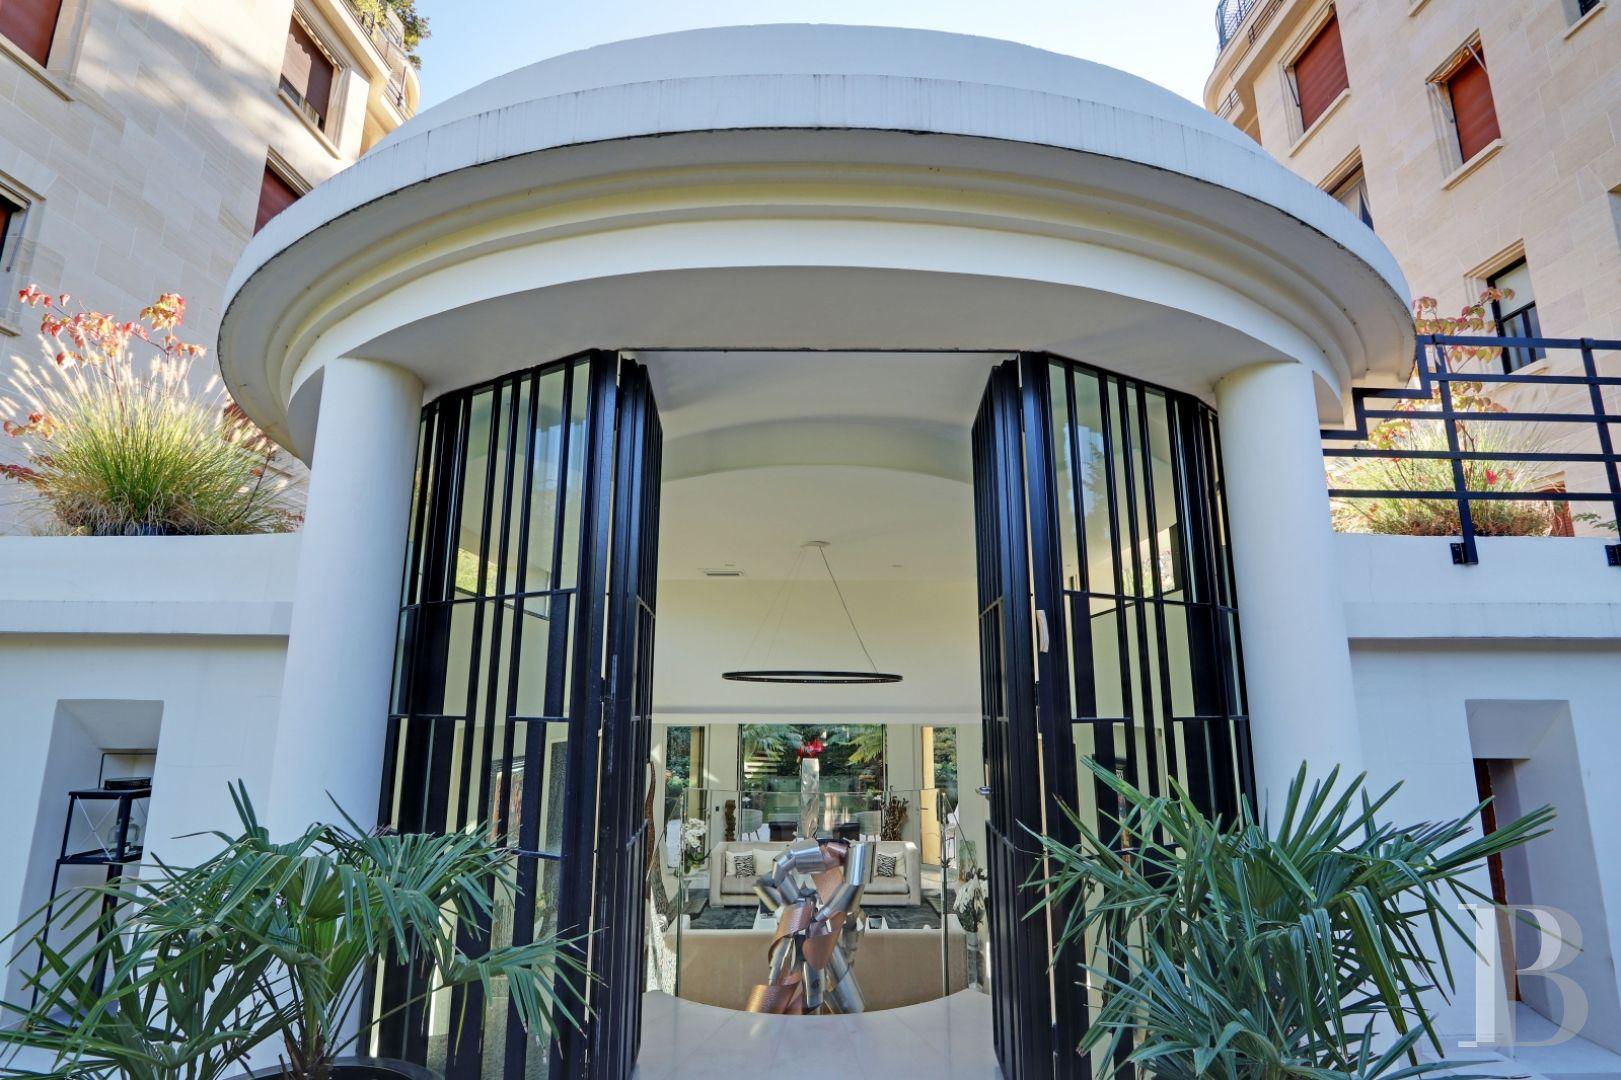 Maison A Vendre Porte De La Muette Bois De Boulogne